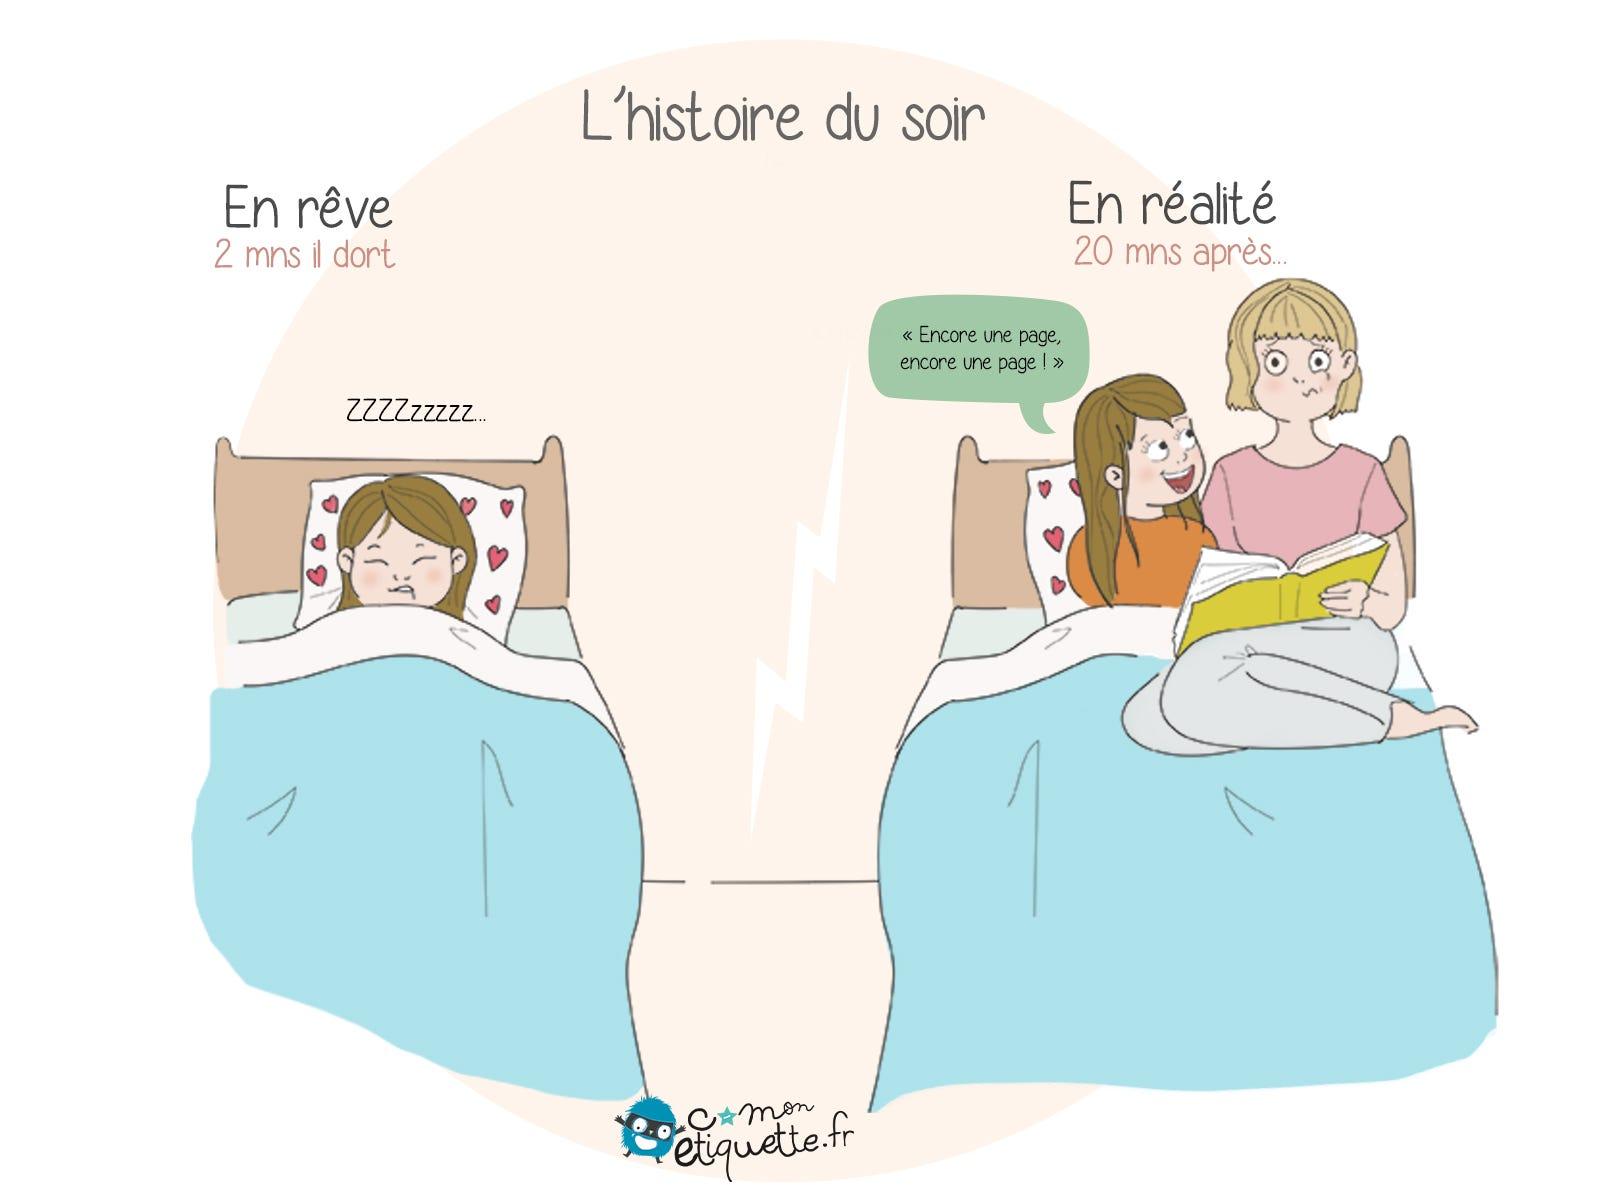 Lire un livre pour l'endormir, quelle bonne idée ! Mais l'histoire du soir n'est généralement pas si courte que ça !